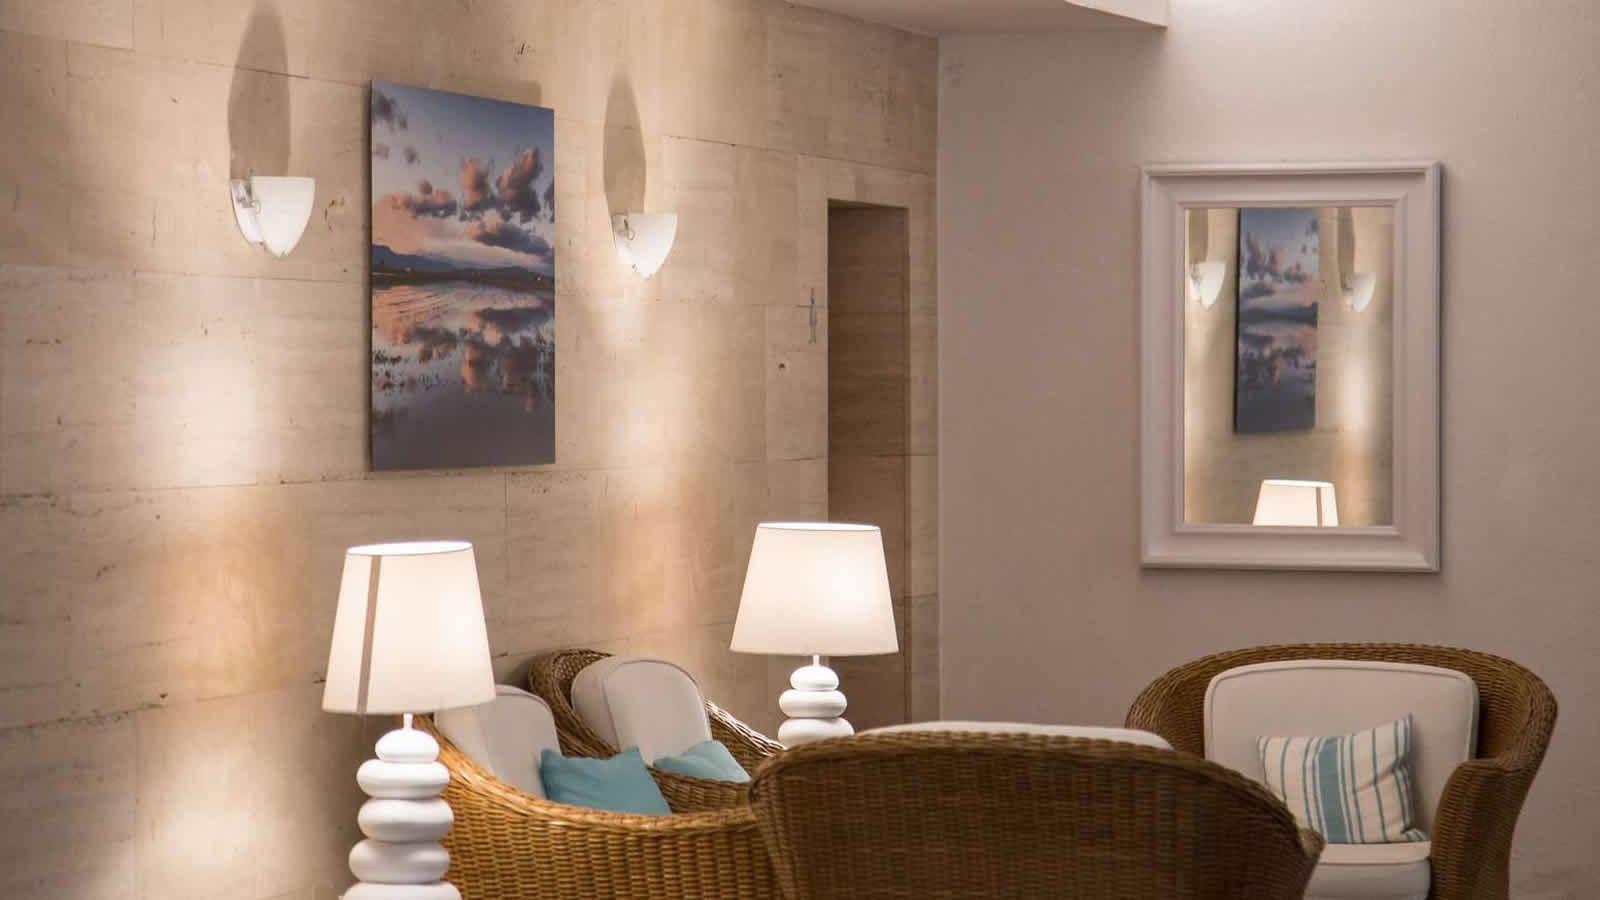 Recepció de l'hotel Sant Carles de la Ràpita, Alcanar, delta de l'Ebre